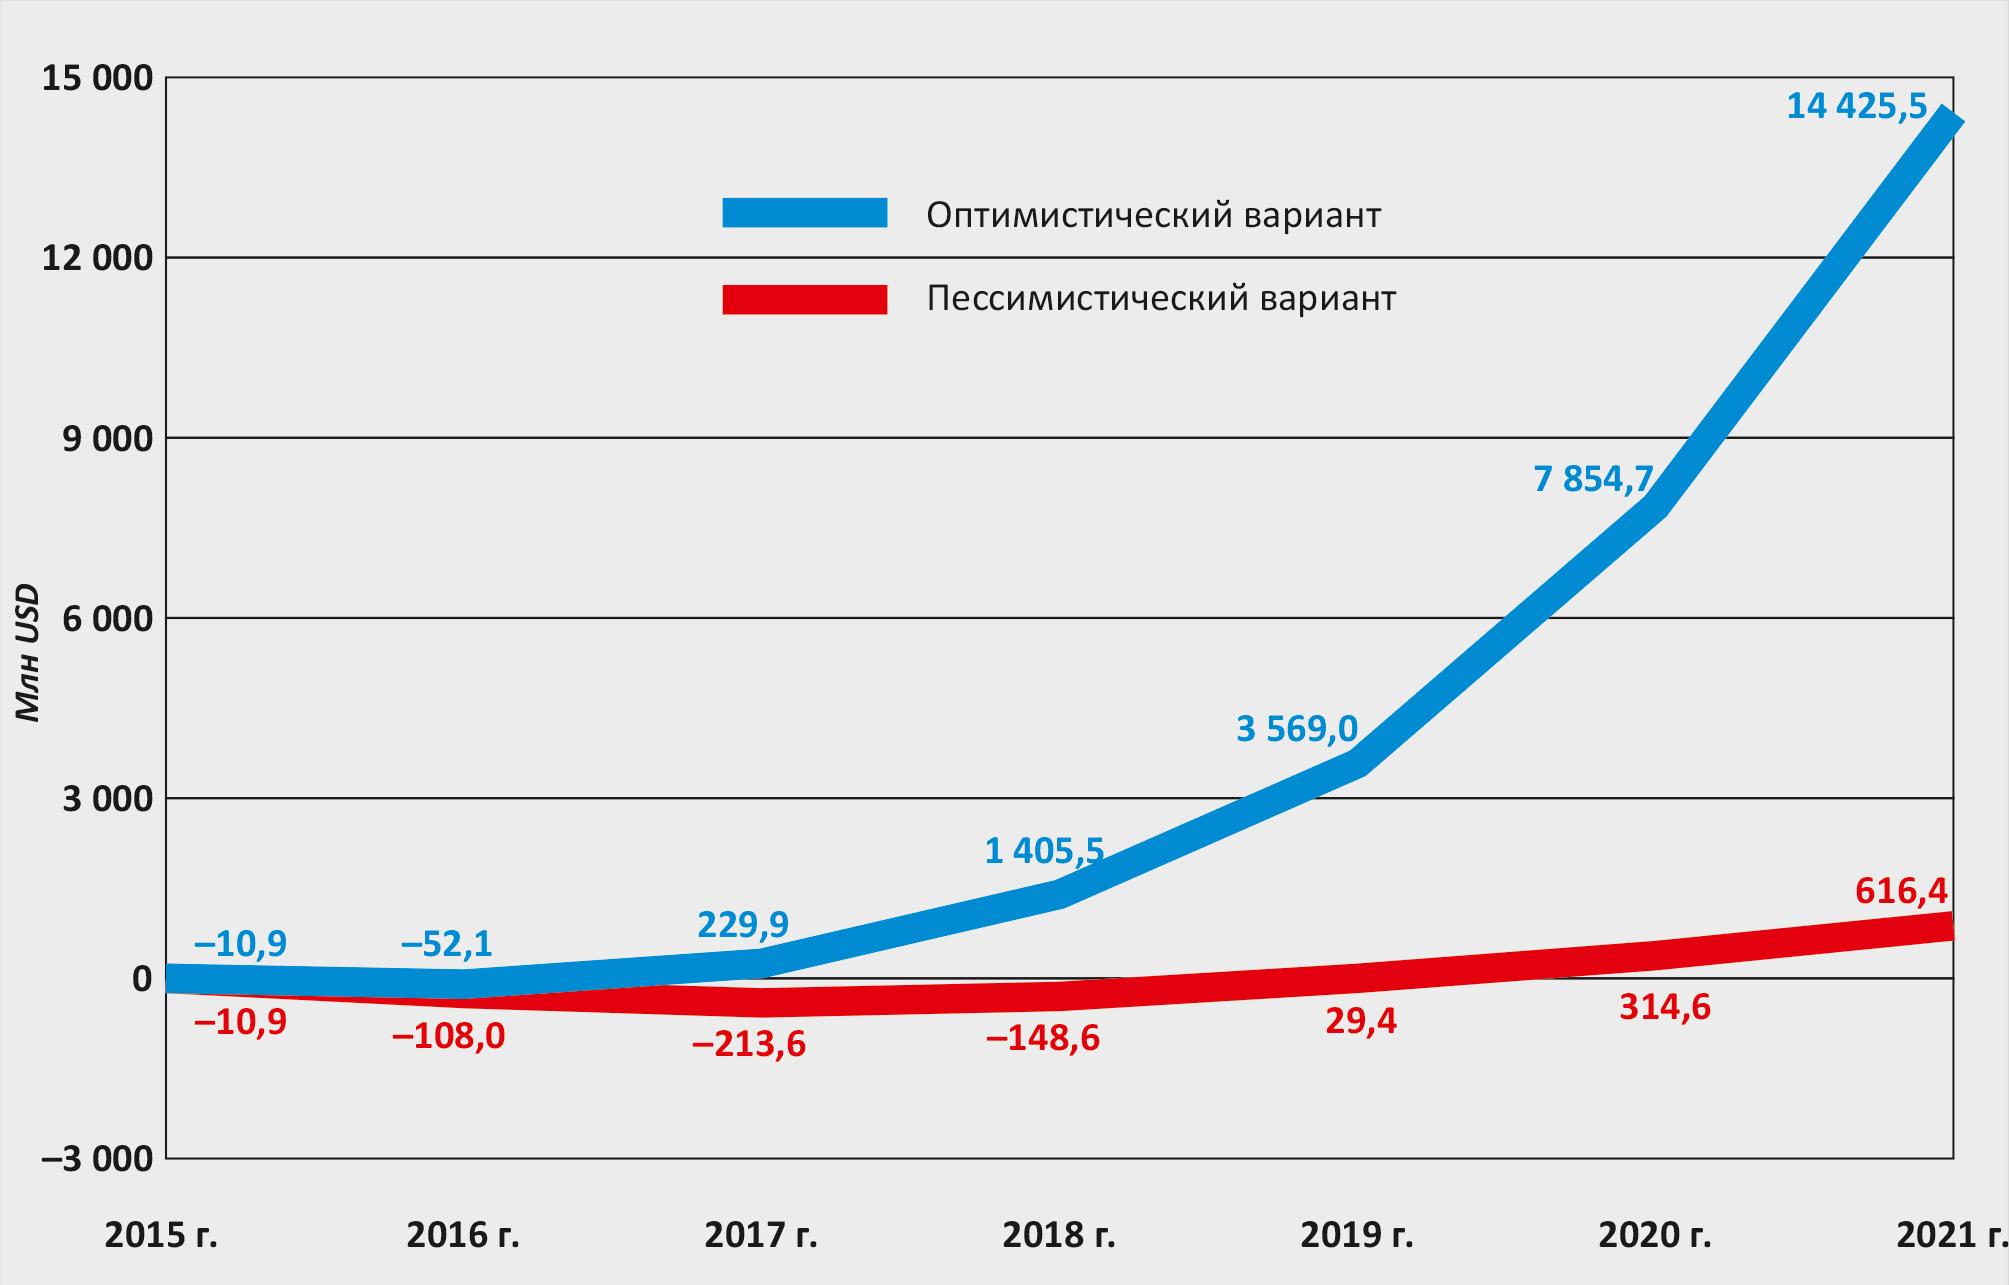 Рисунок 1.1 – Прогноз дисконтированных денежных потоков по ЭкоТехноПарку (нарастающим итогом)